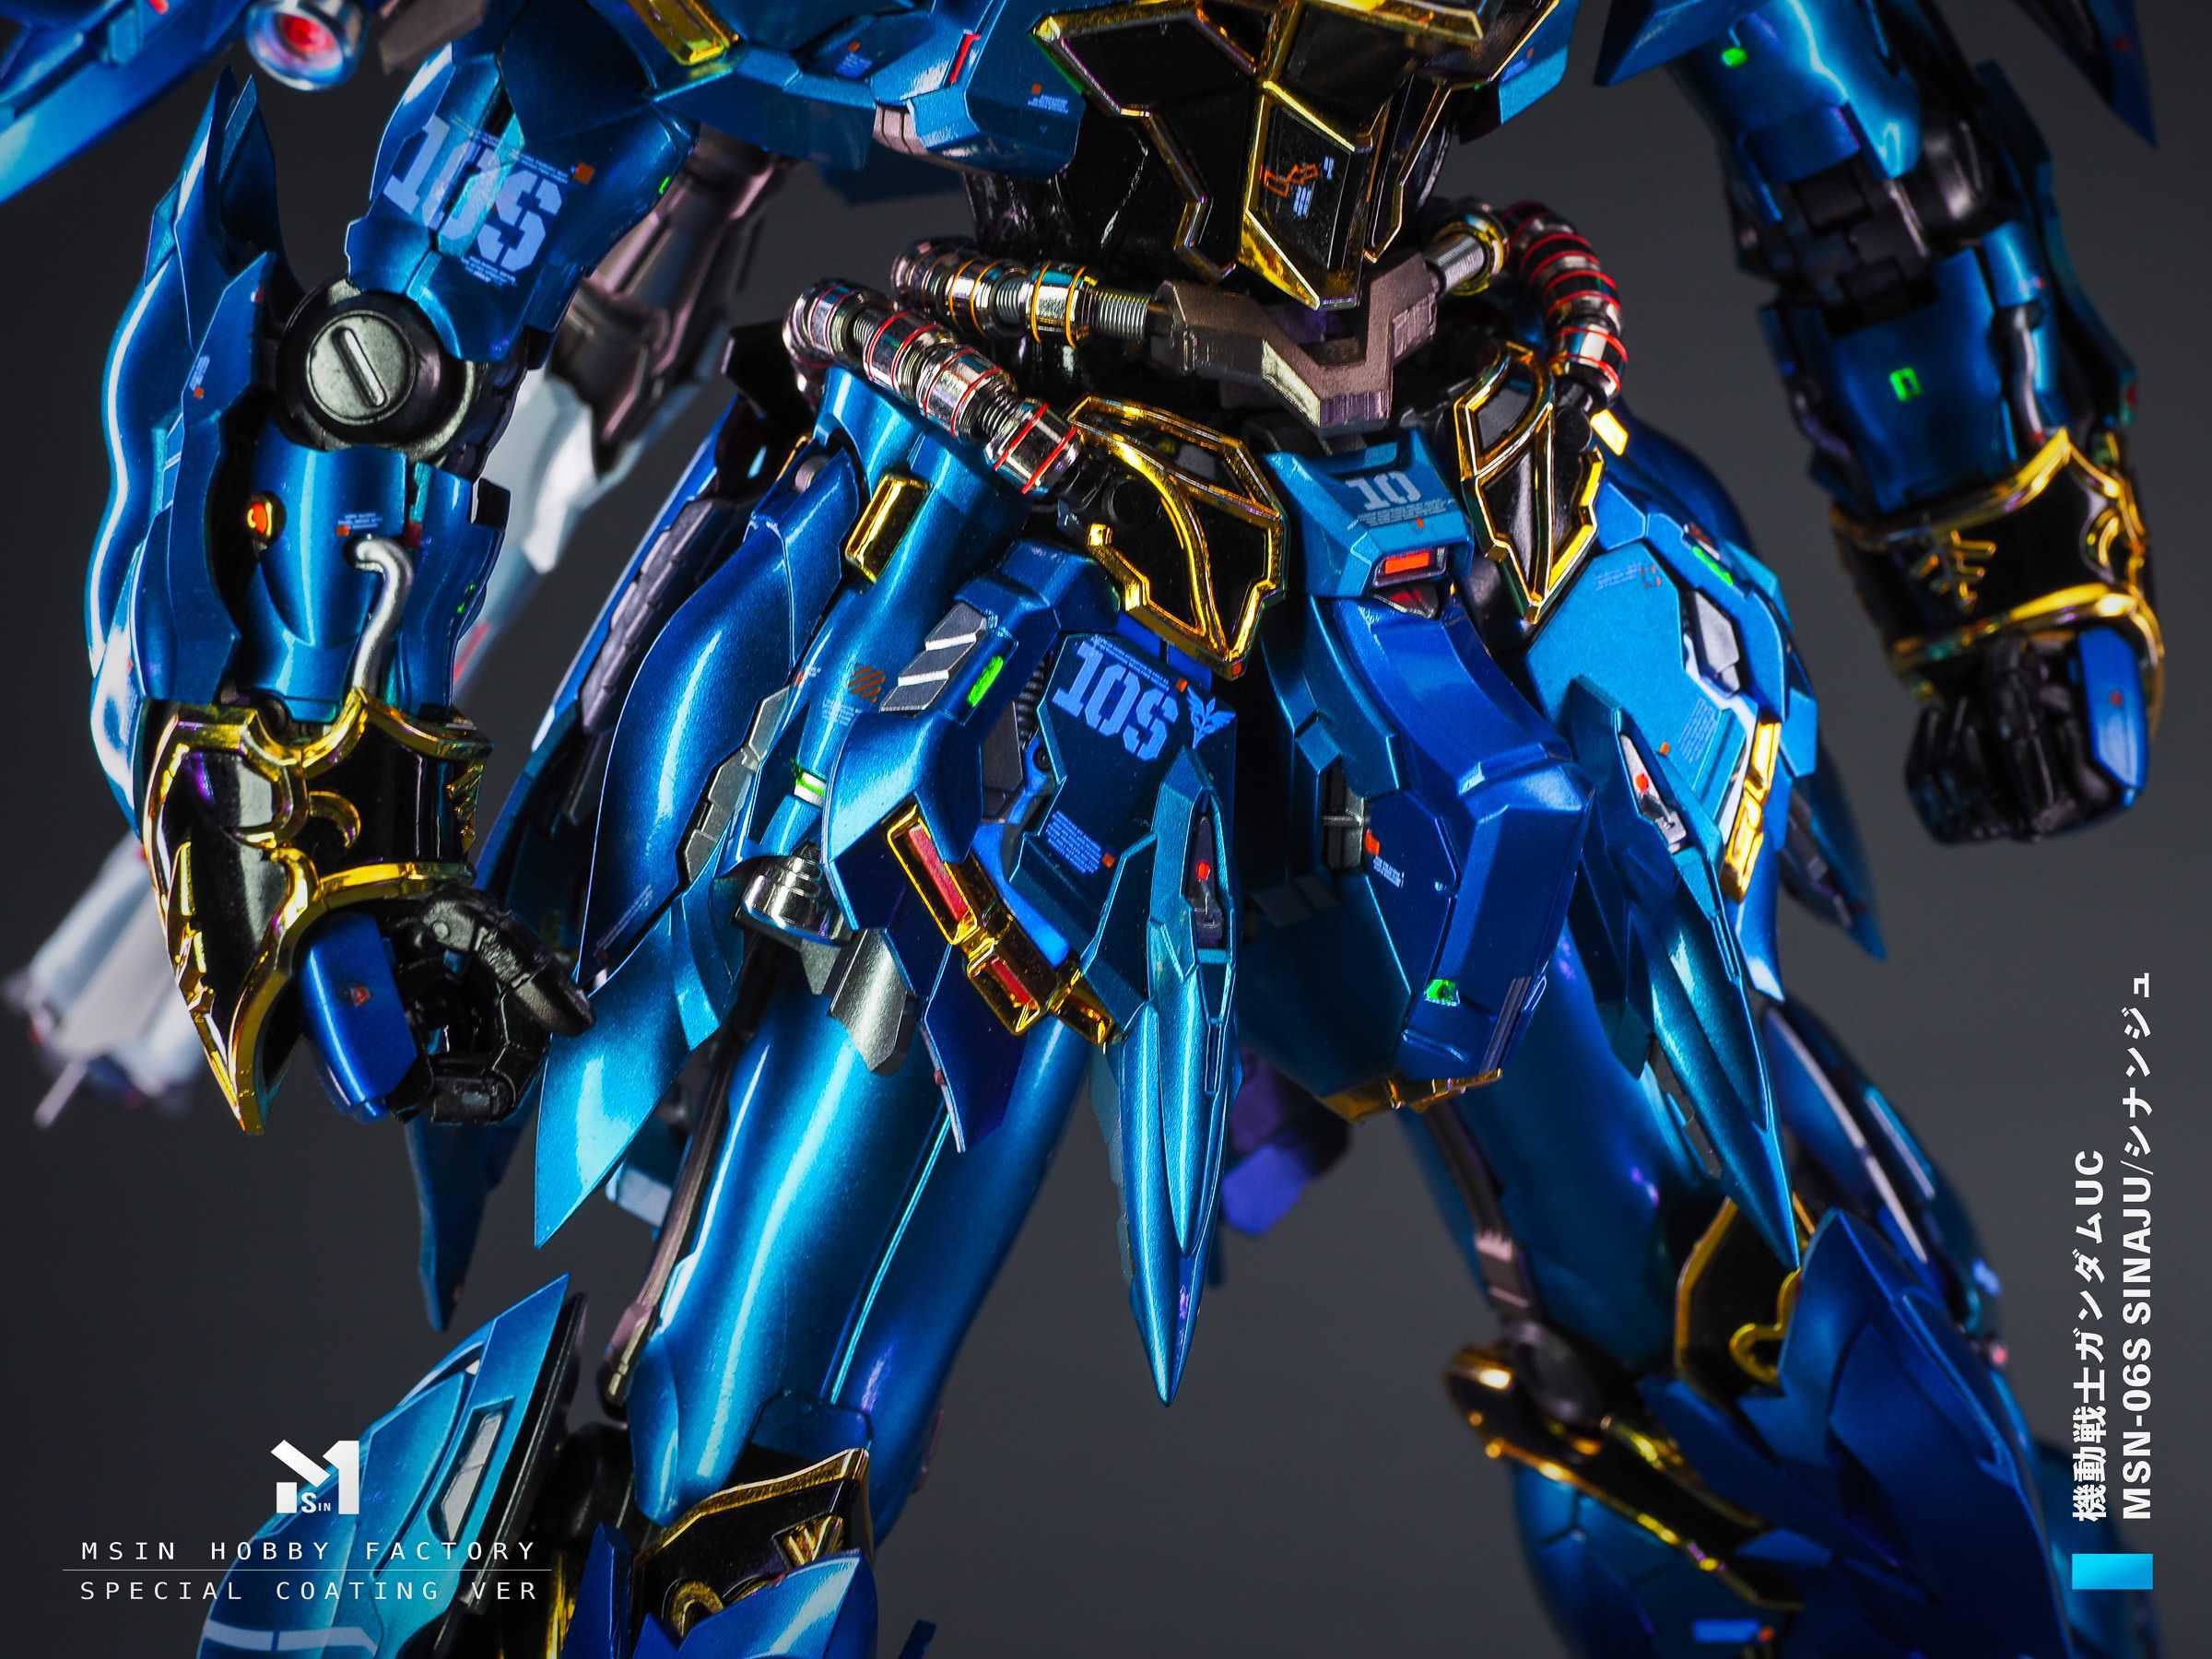 S437_4_sinanju_takumi_blue_009.jpg